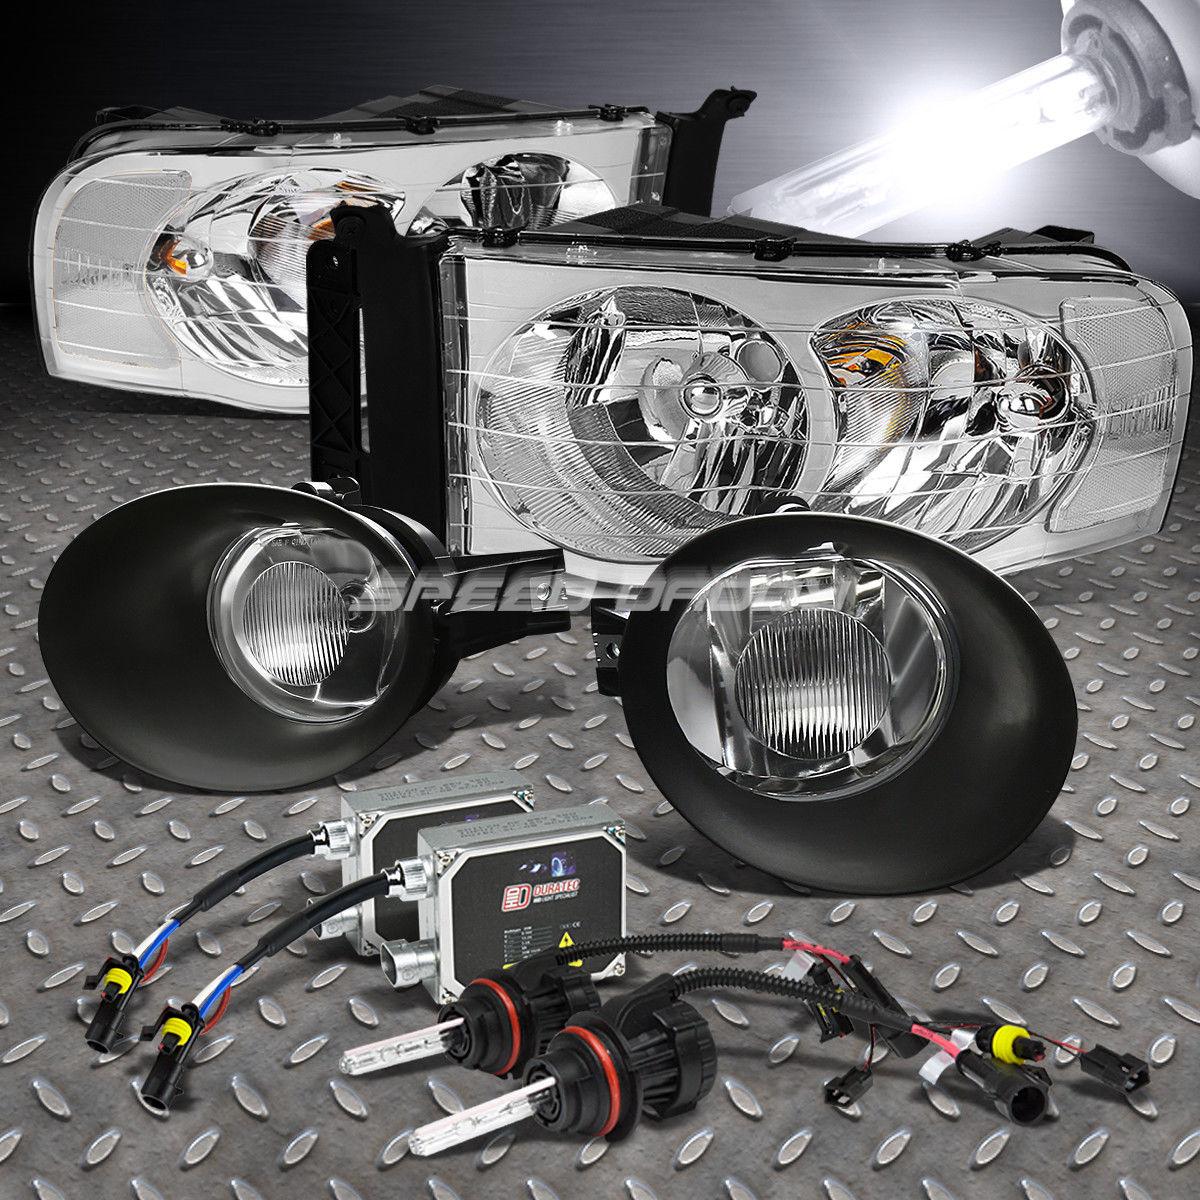 フォグライト CHROME HEADLAMP+DUAL BEAM 6K SLIM HID KIT+SMOKED FOG LIGHT FOR 02-05 DODGE RAM CHROME HEADLAMP + DUAL BEAM 6Kスリム・ハイド・キット+スモーキング・フォグ・ライト02-05ドッジ・ラム